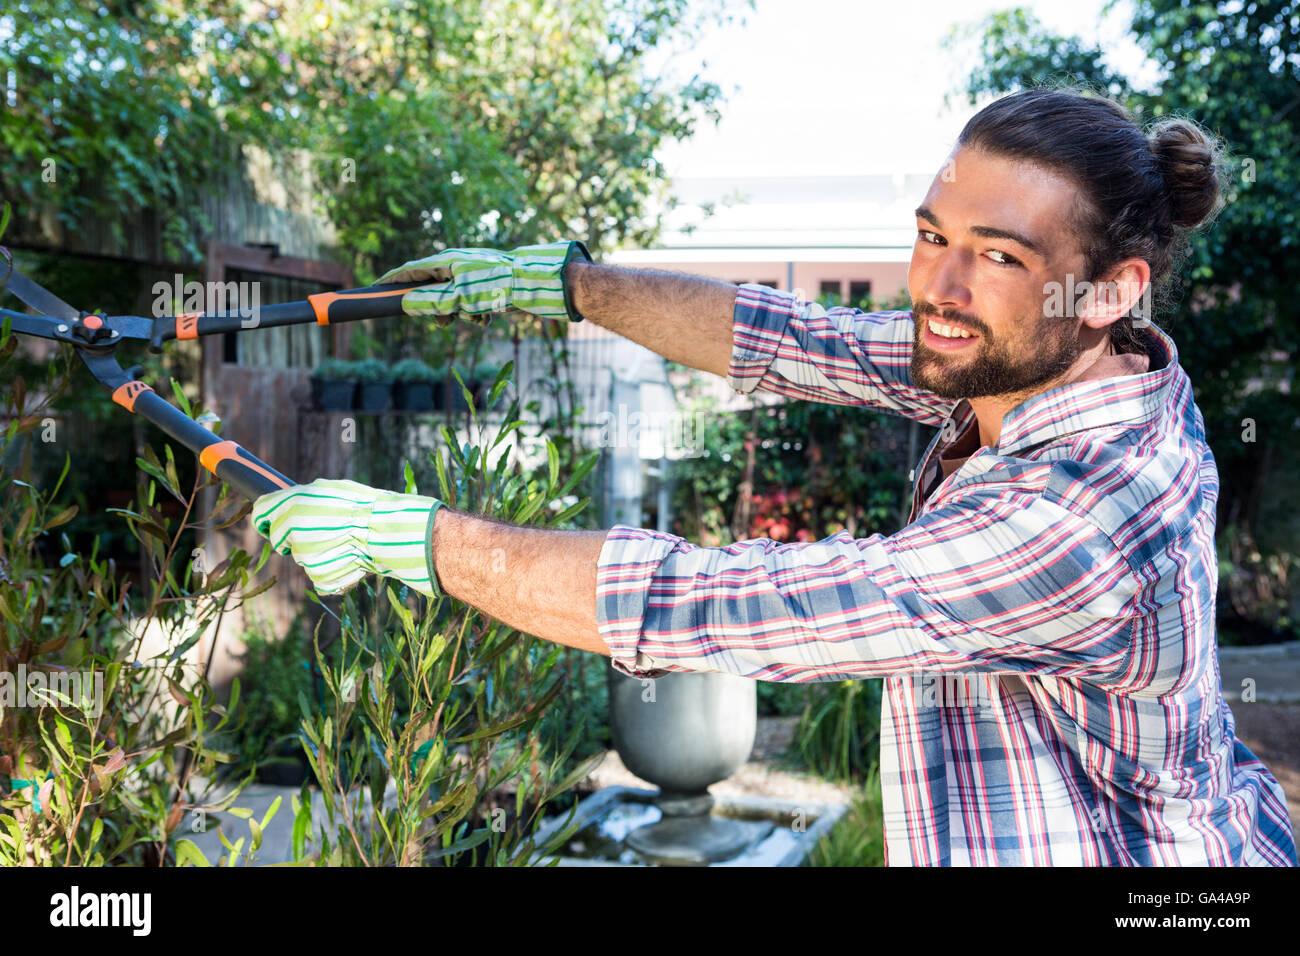 Portrait de l'aide jardinier heureux clippers au jardin Photo Stock